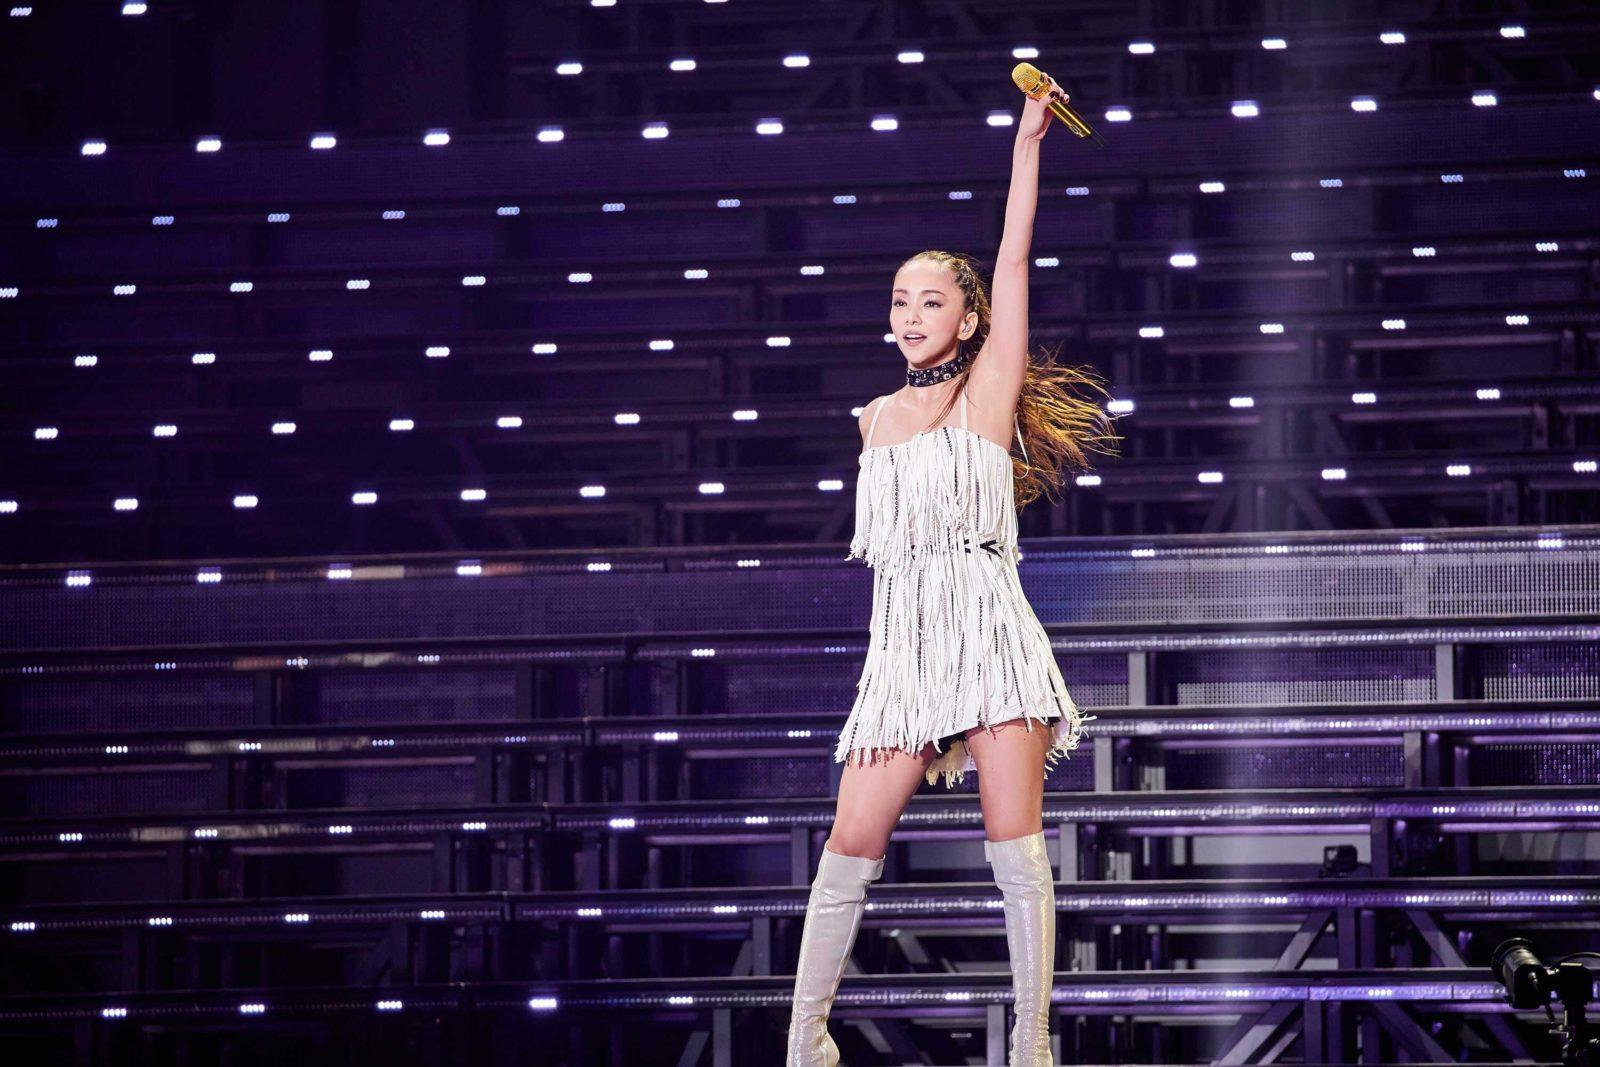 安室奈美恵、最多80万人動員した全国ツアーが終了